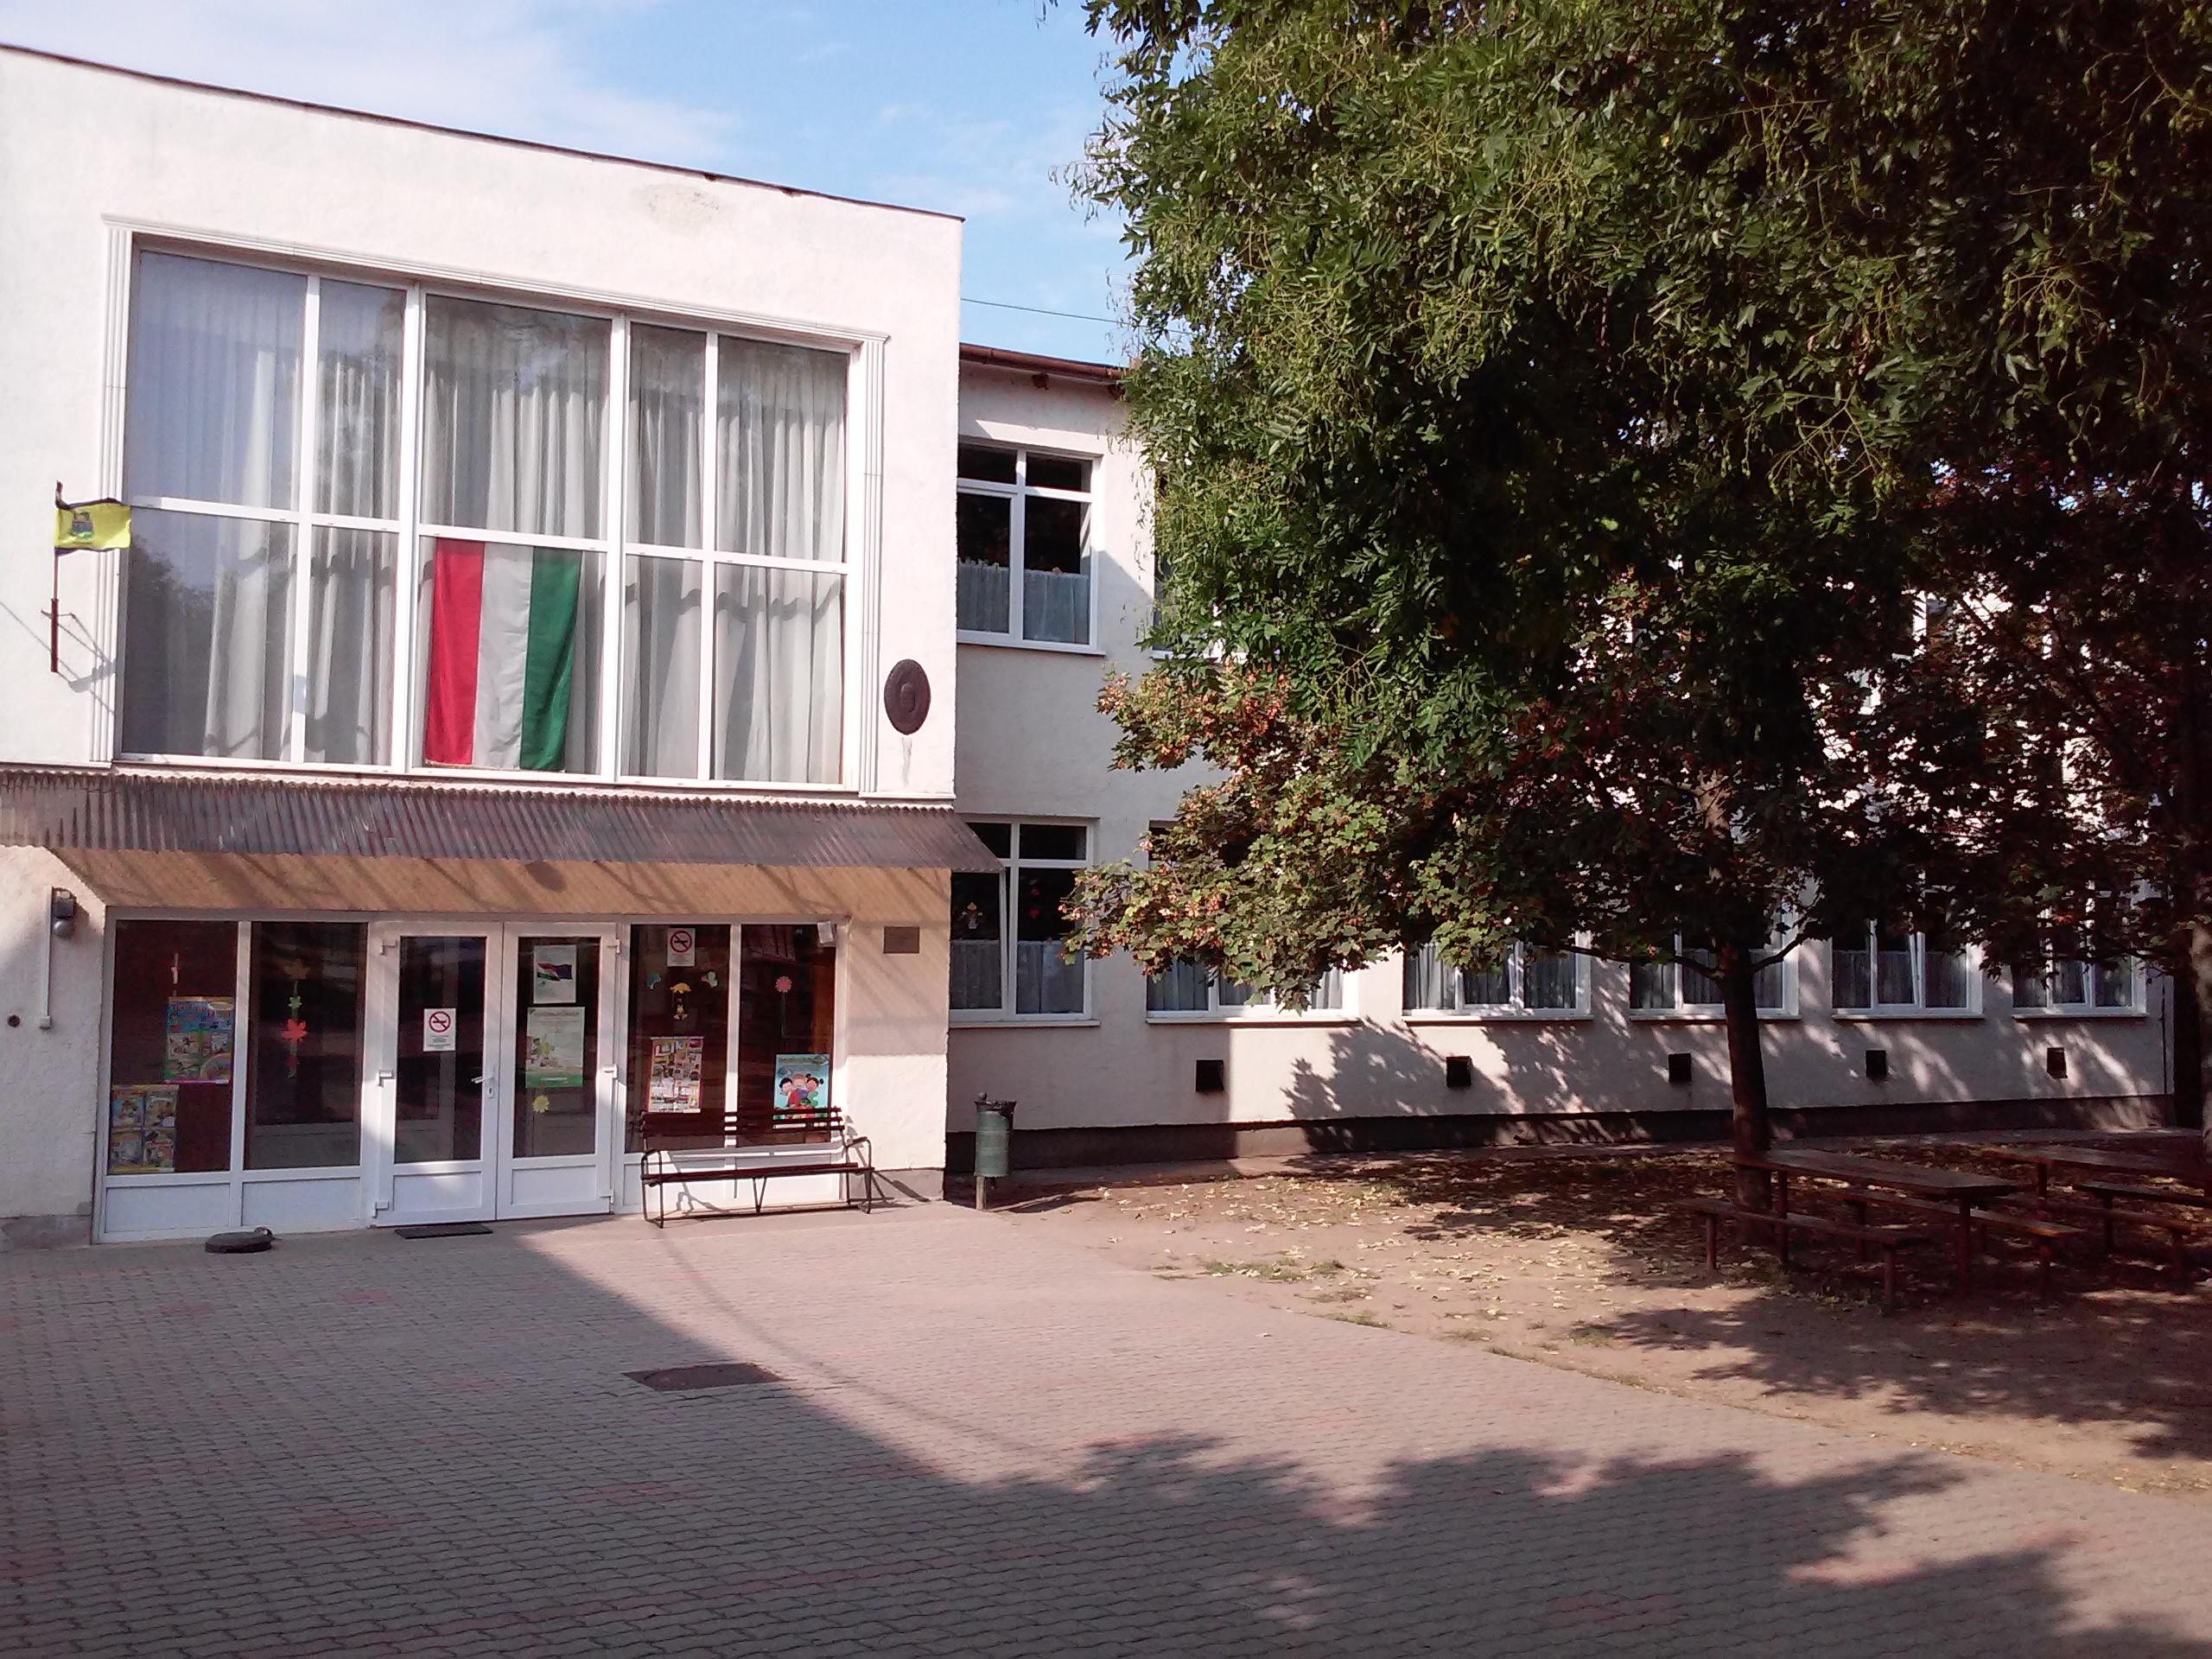 Zamárdi Általános Iskola